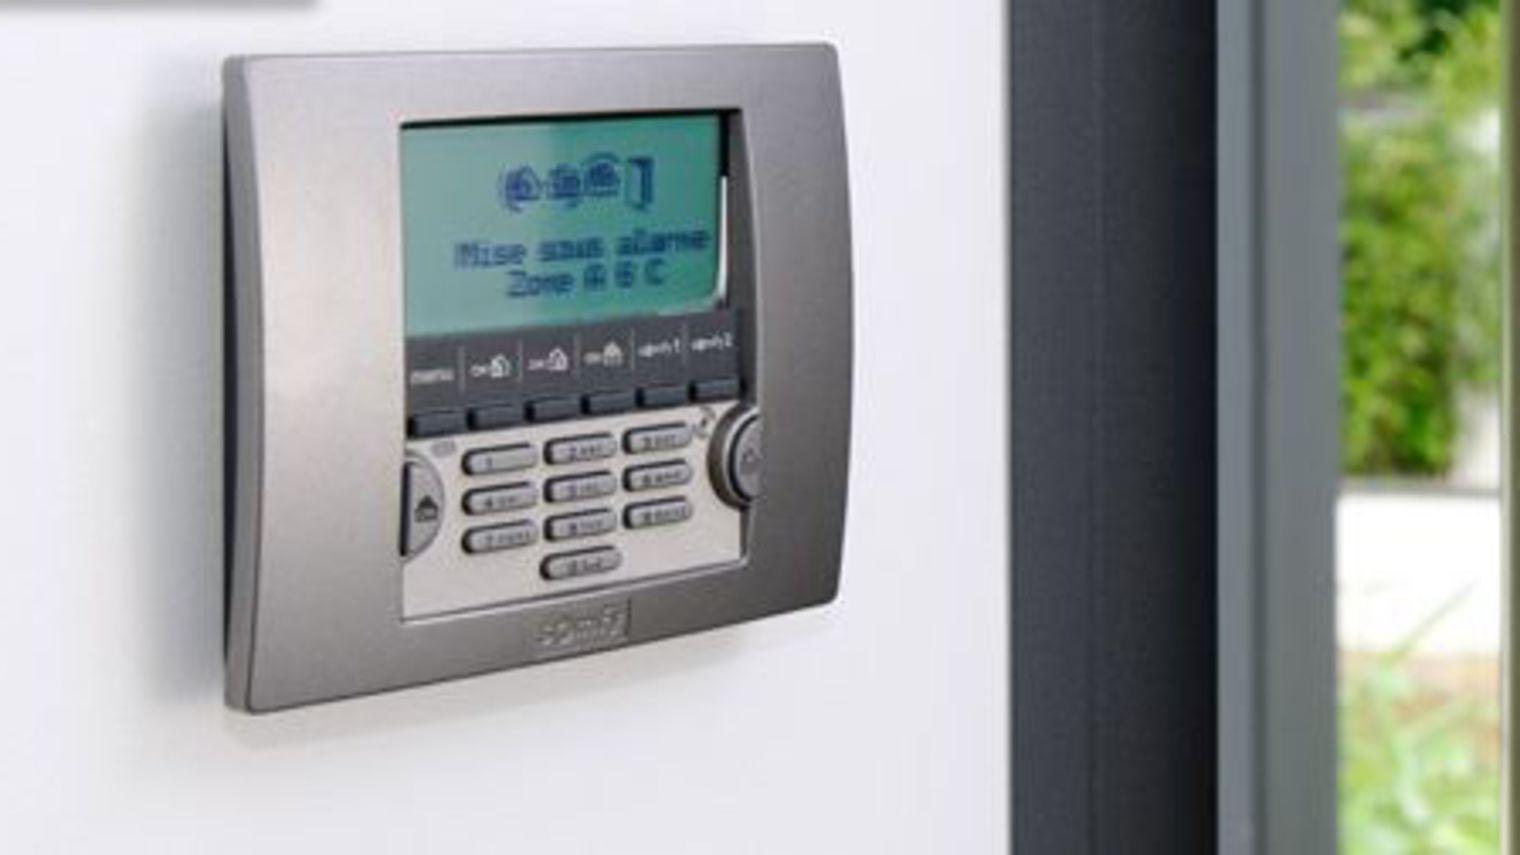 Securitas Direct : Pourquoi j'ai fait le choix d'une alarme Securitas Direct ?